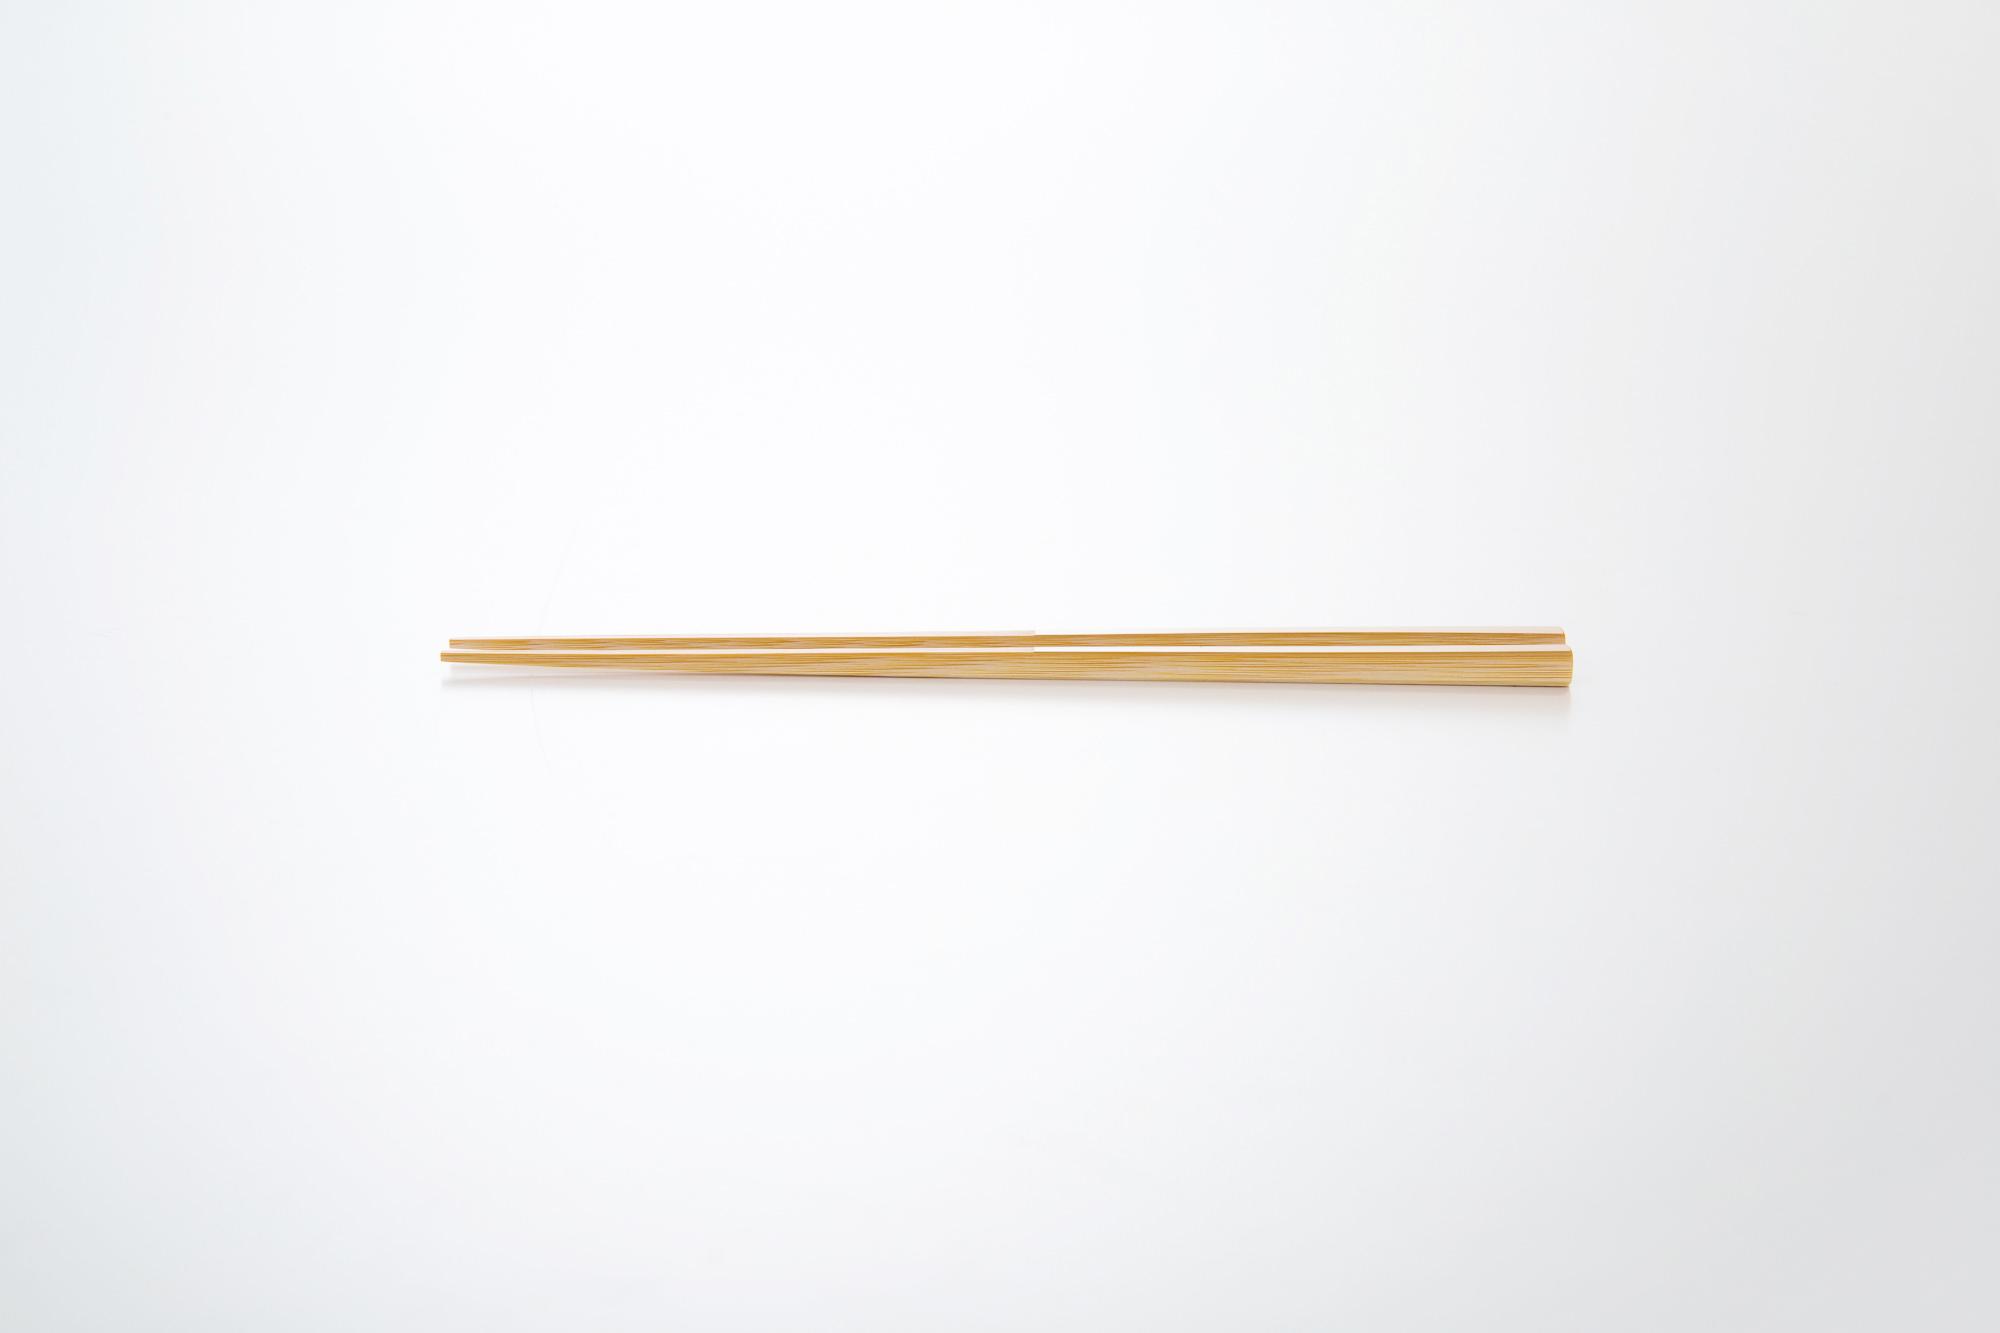 萬箸-21